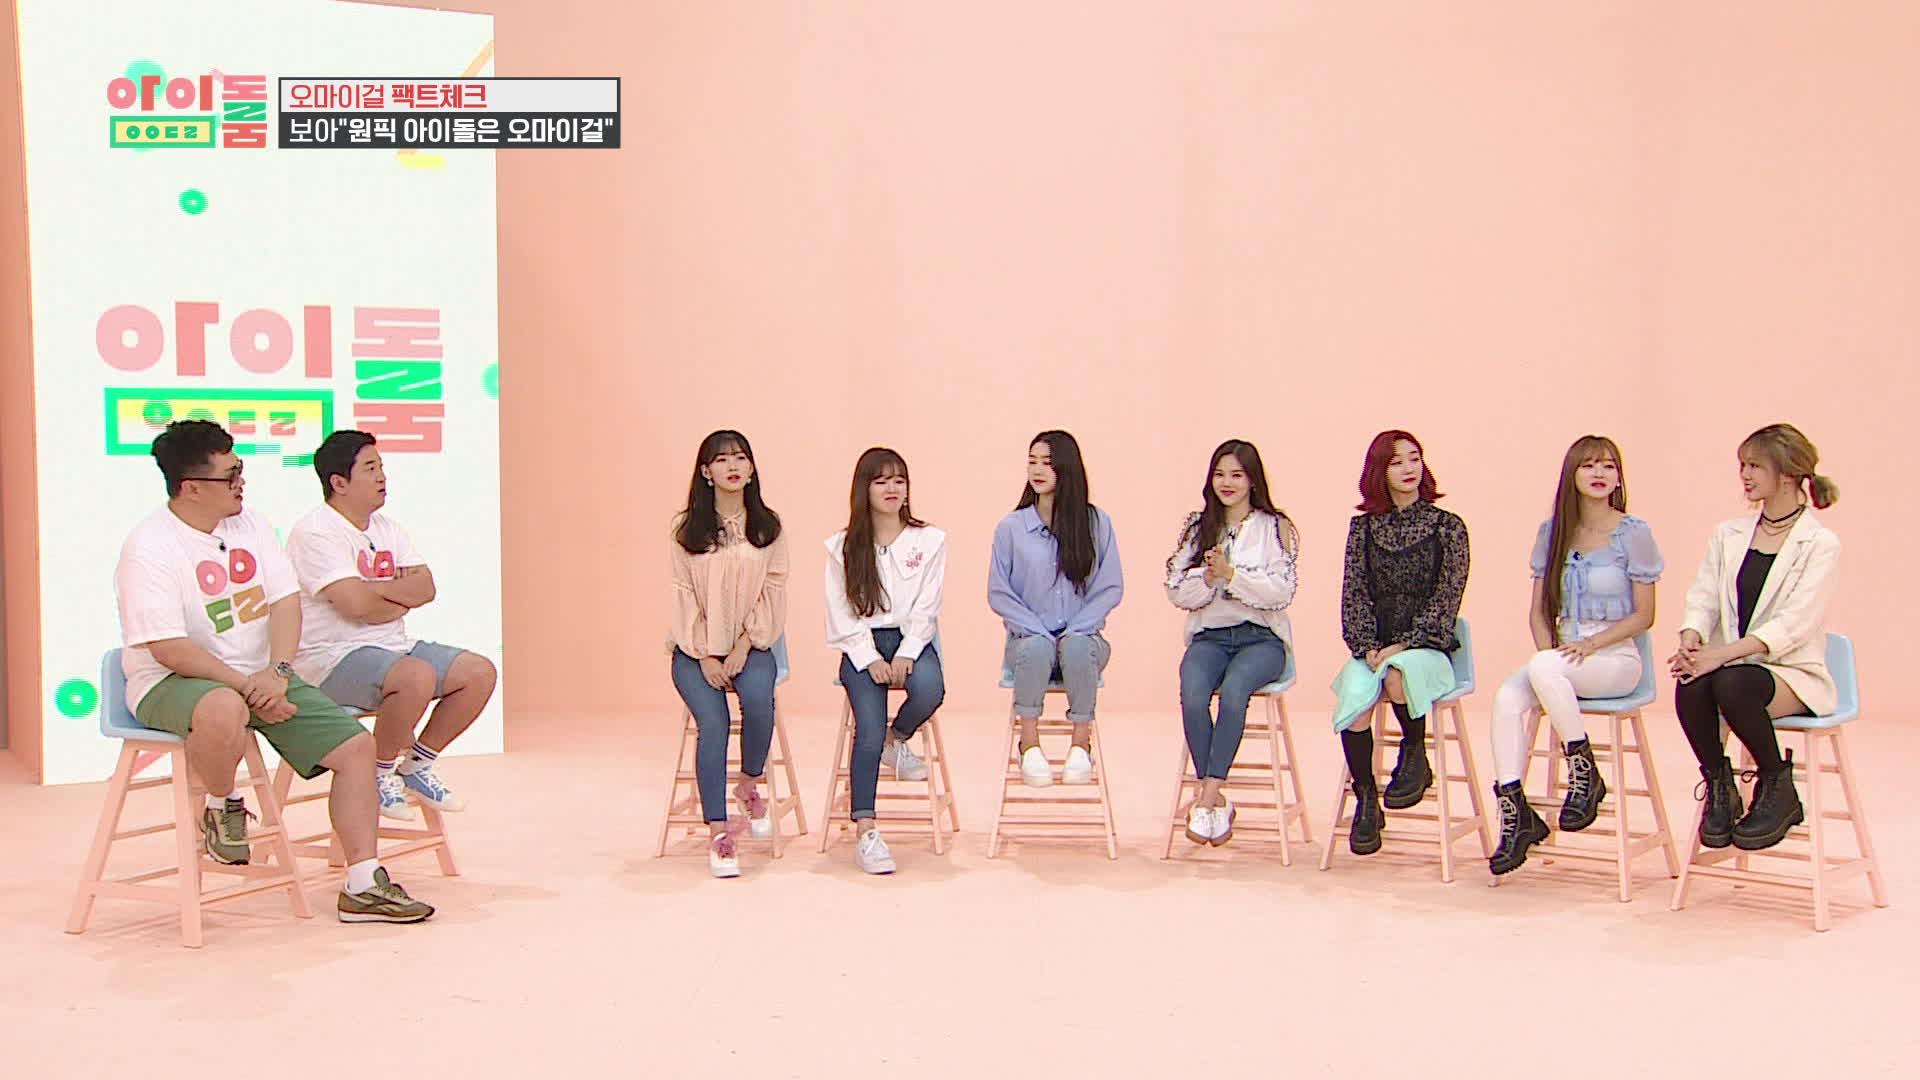 아이돌룸(IDOL ROOM) 19회 - 갓마이걸의 걸그룹 커버댄스♬ (와중에 군대함성 실화?)